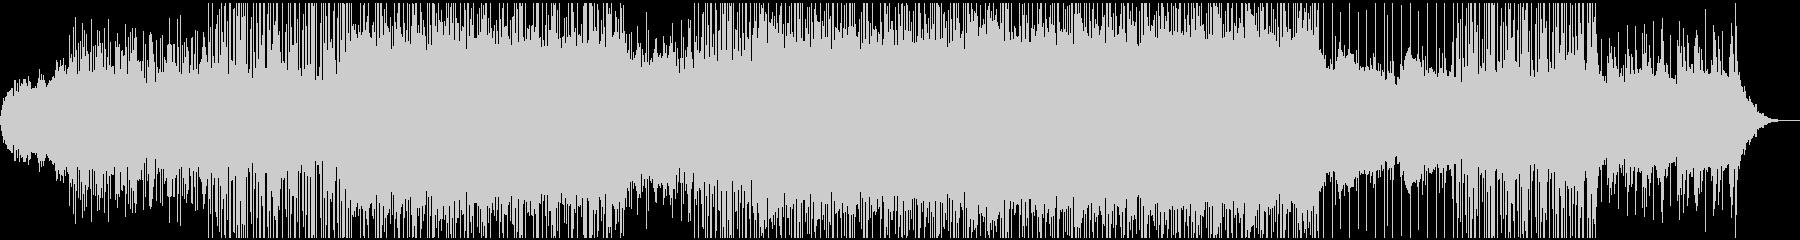 オーガニックで熱帯なヒーリングEDMの未再生の波形